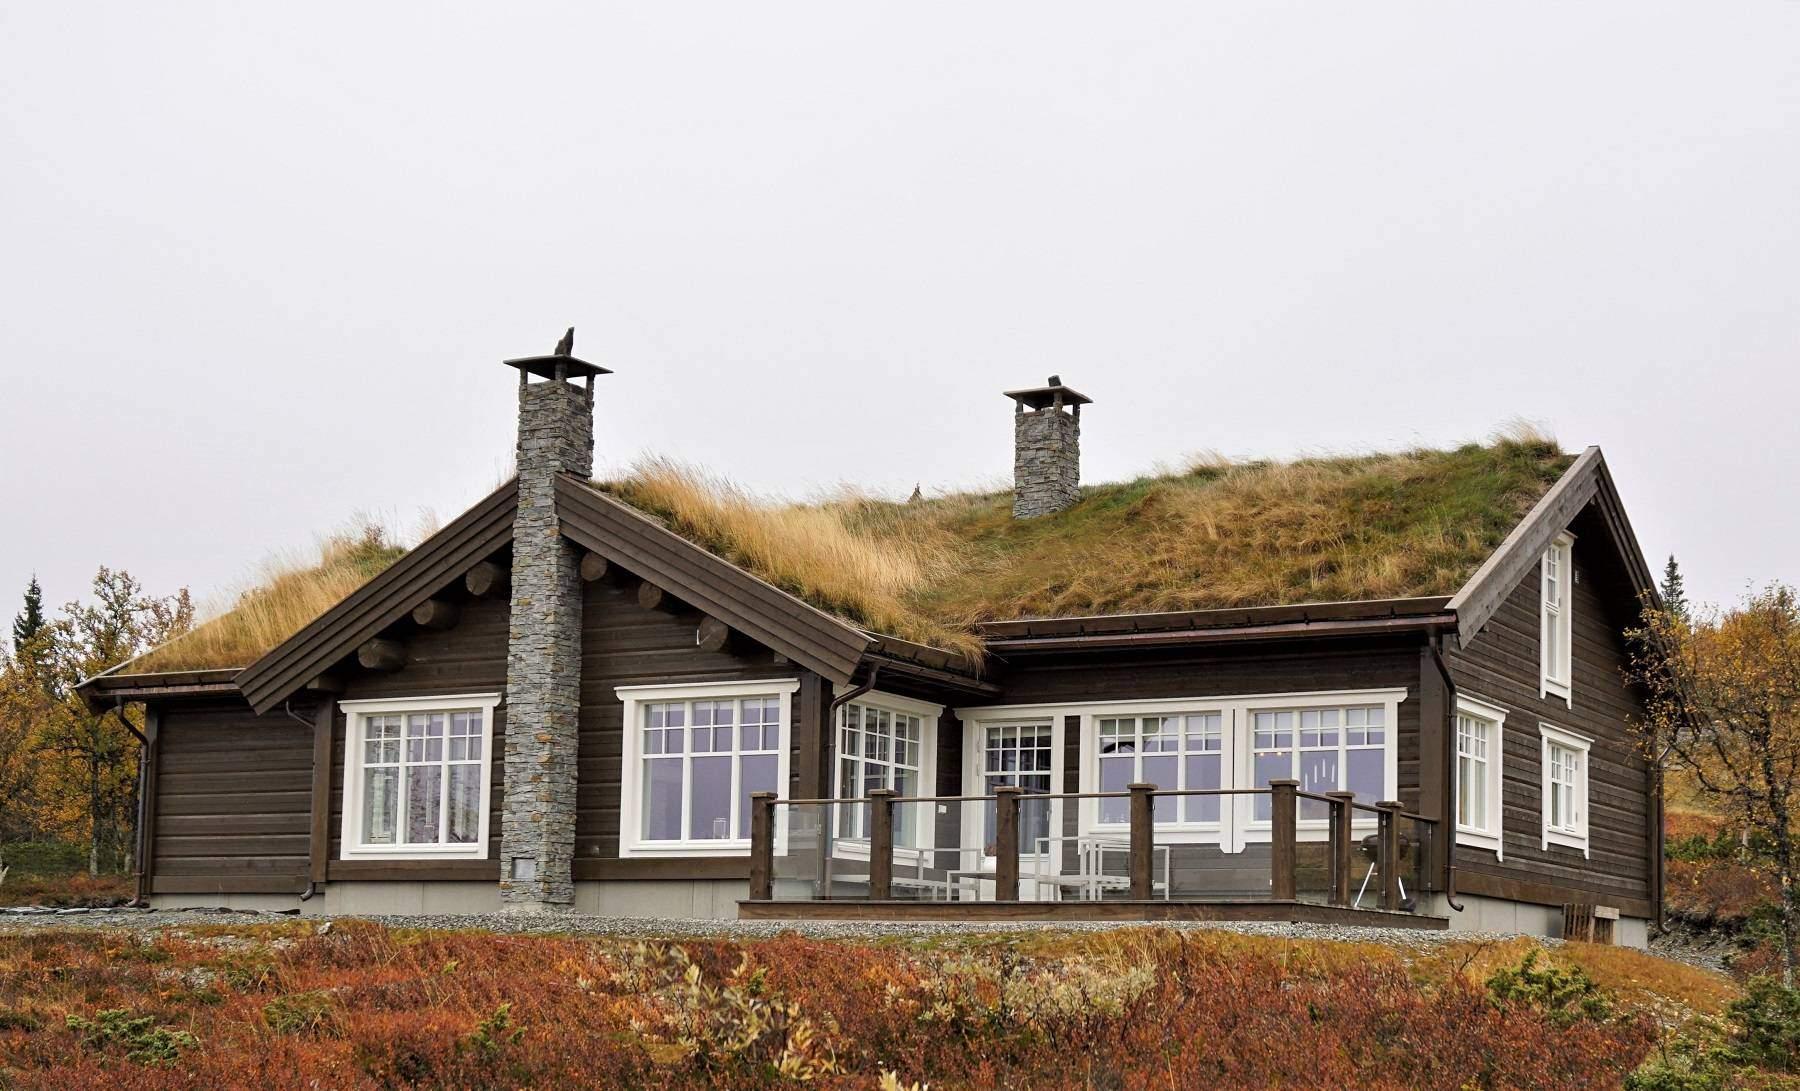 302 Gålå – Hyttebilde – Hytte Hemsedal 120 – Hytteleverandør Tiurtoppen Hytter